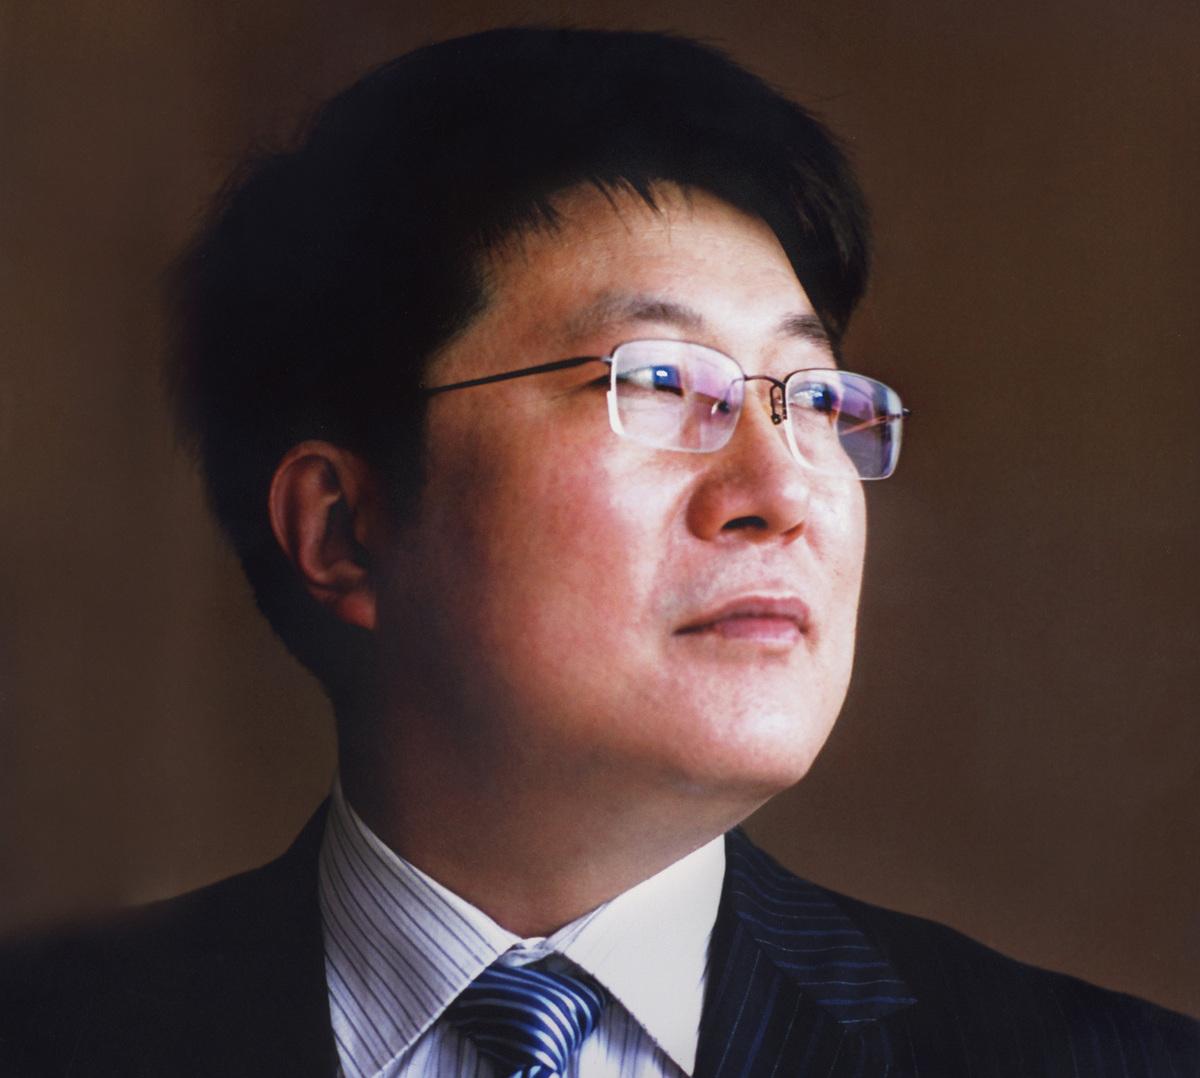 紫光怒砸300亿美元 誓做中国世界级芯片巨头第一人